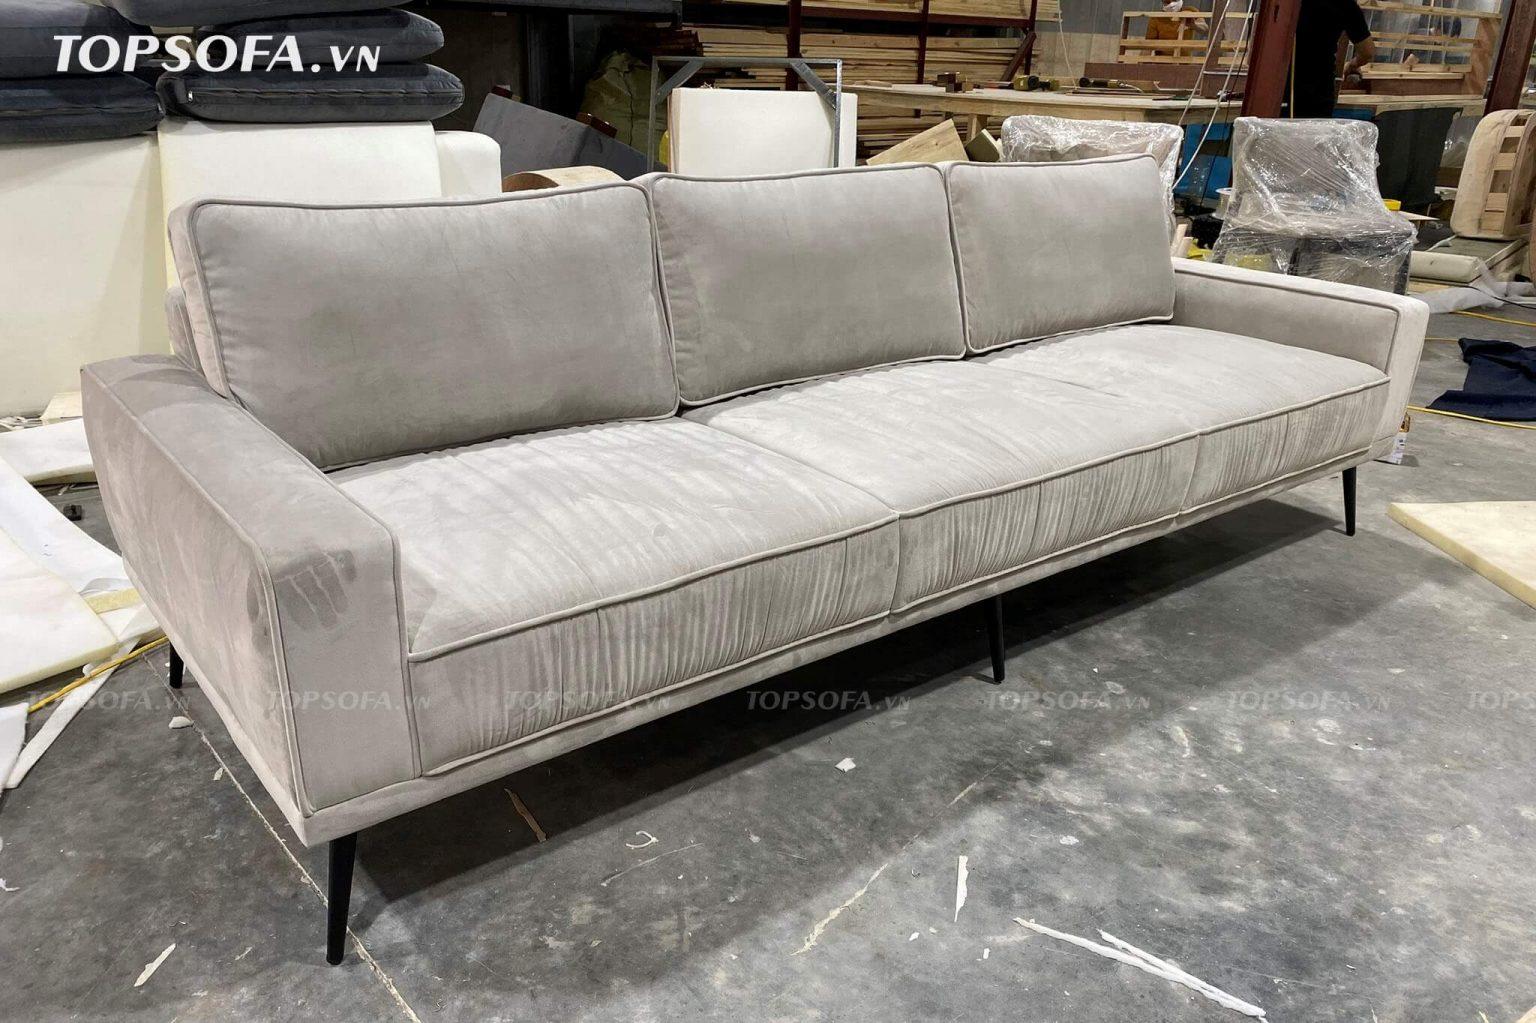 Sofa văng TS329 có thiết kế linh hoạt cùng tông màu kem tinh tế pha với họa tiết trơn đơn giản đem đến không gian trang trí mới mẻ, hiện đại